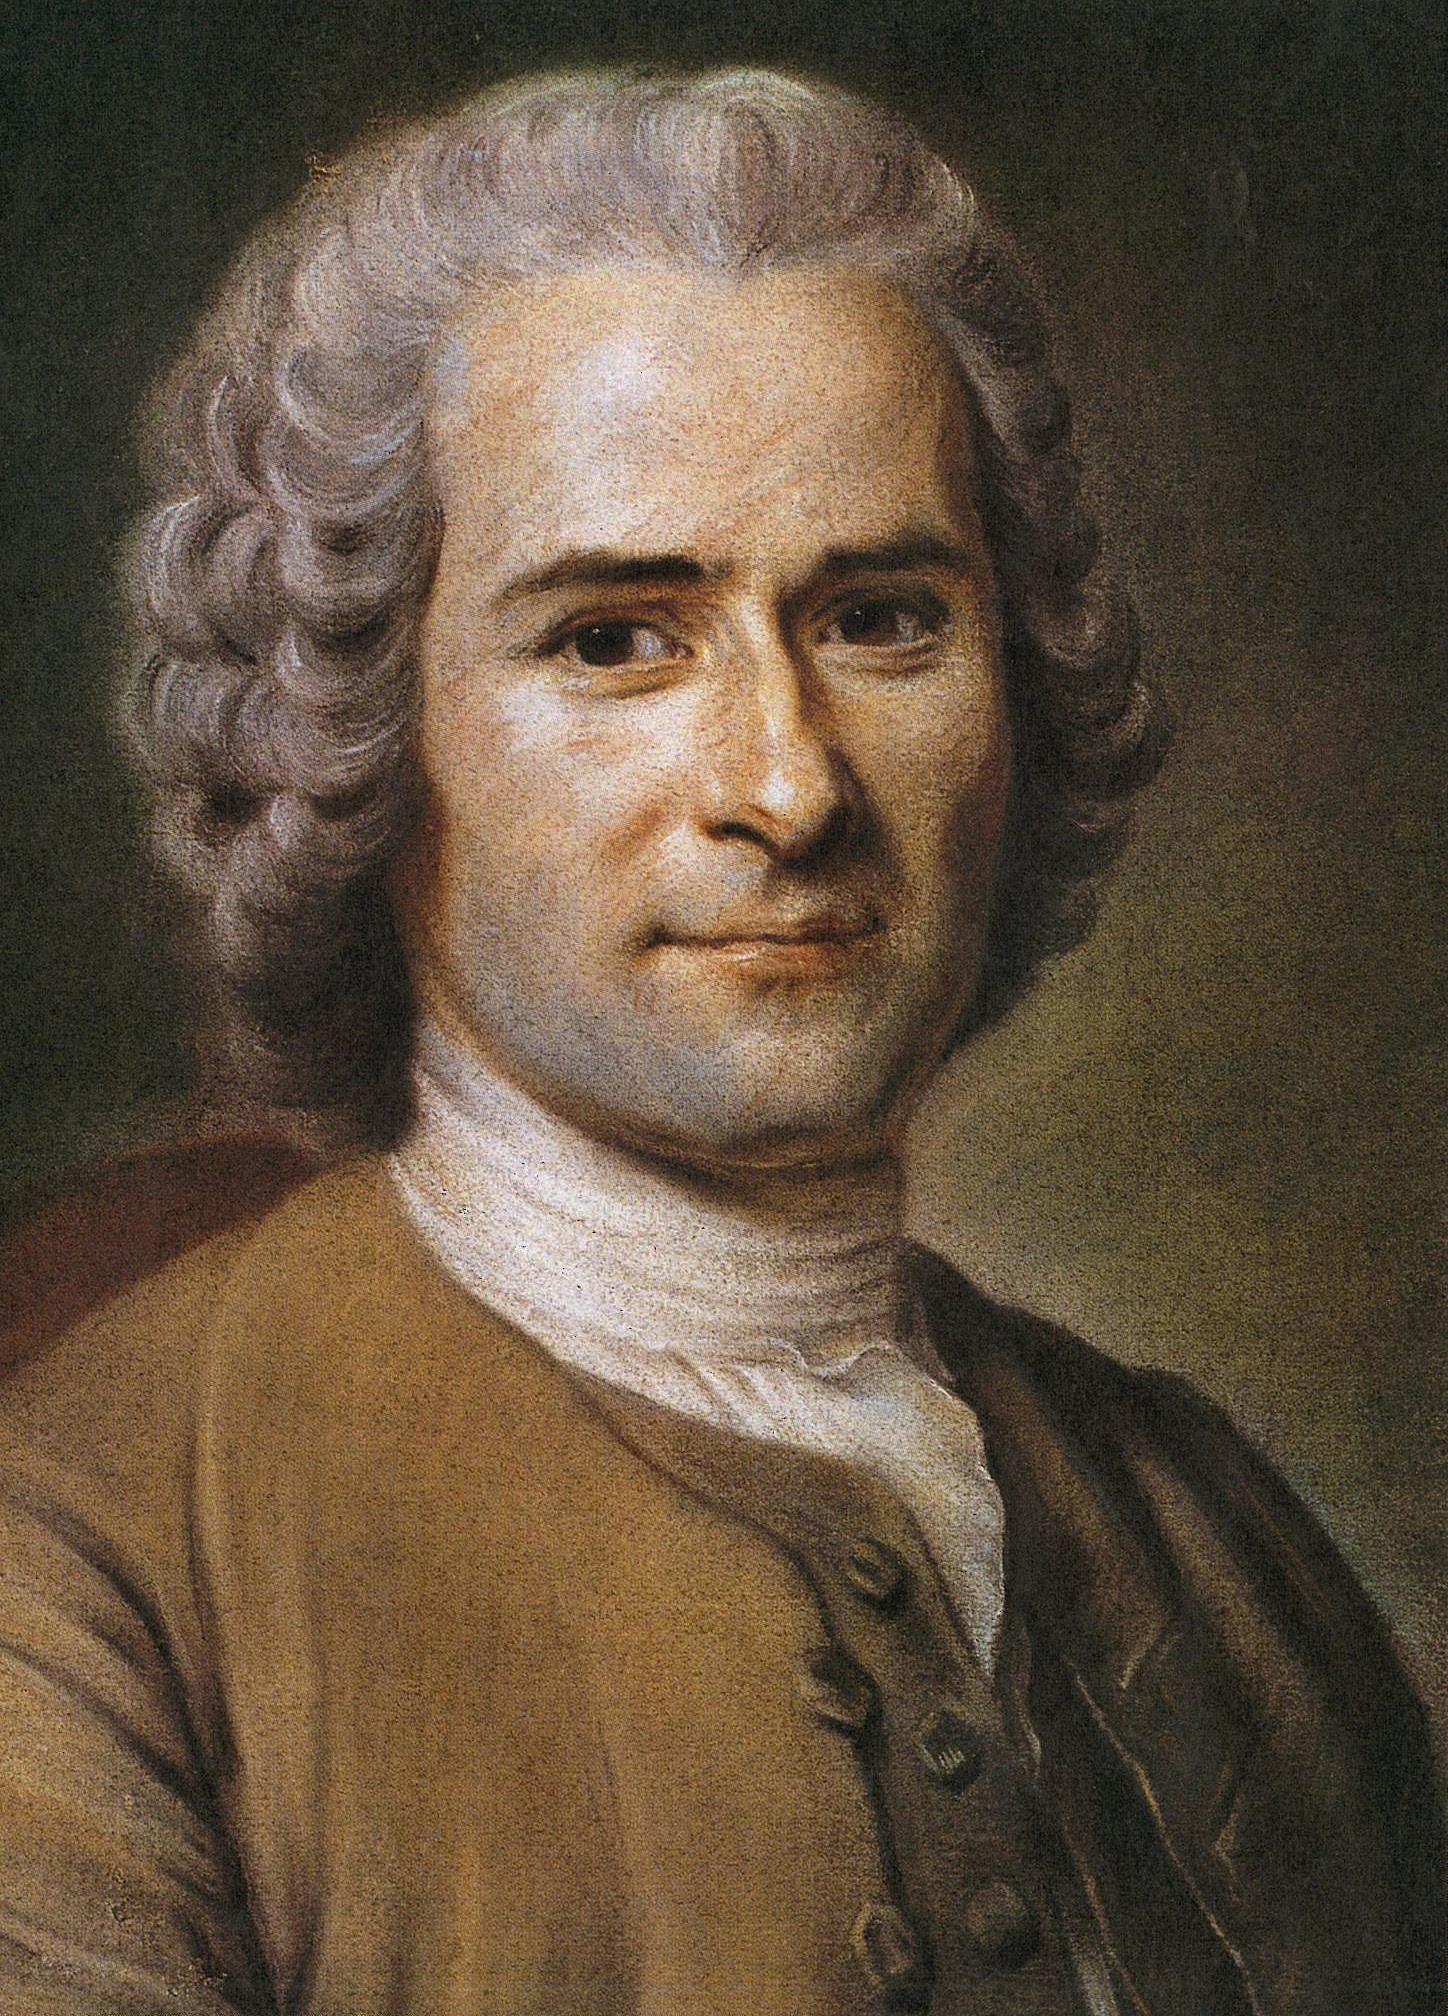 File:Jean-Jacques Rousseau (painted portrait).jpg